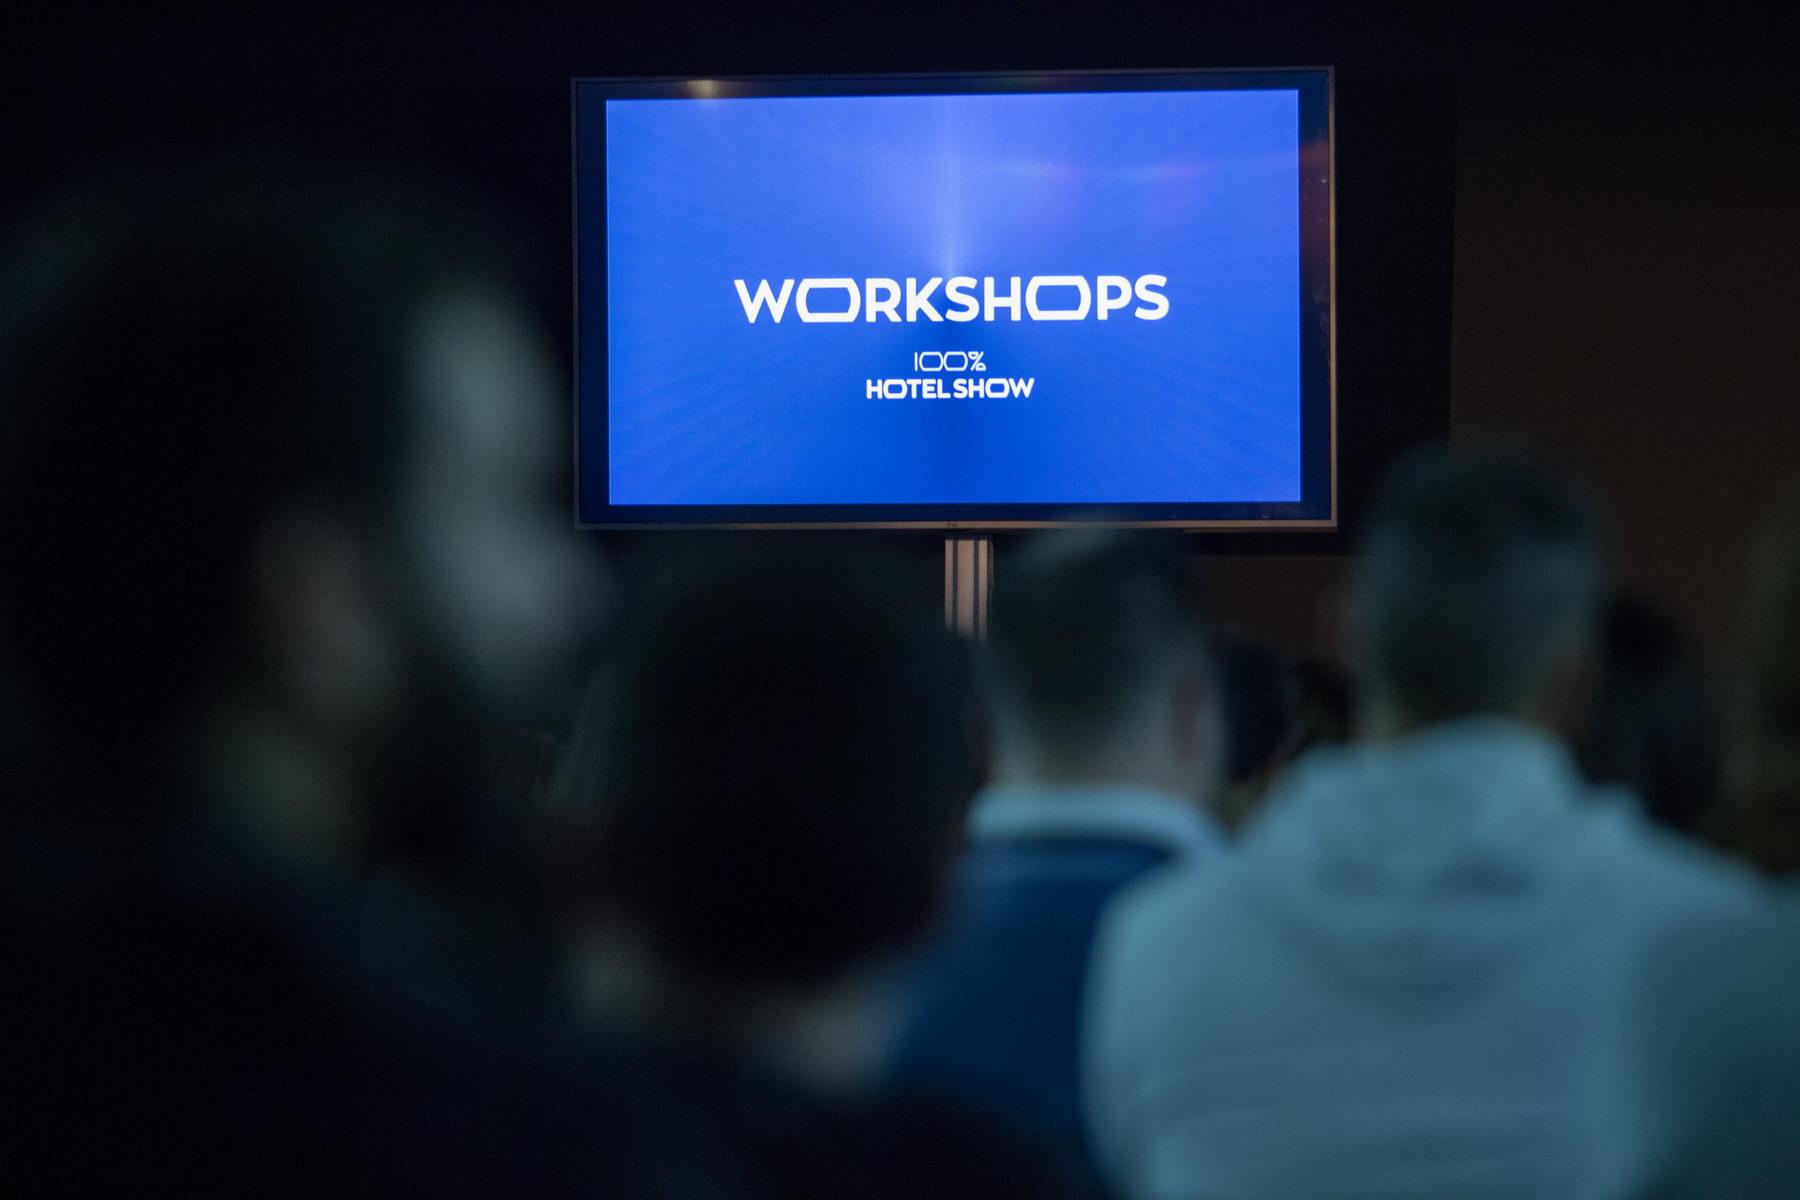 100% hotelshow_workshops